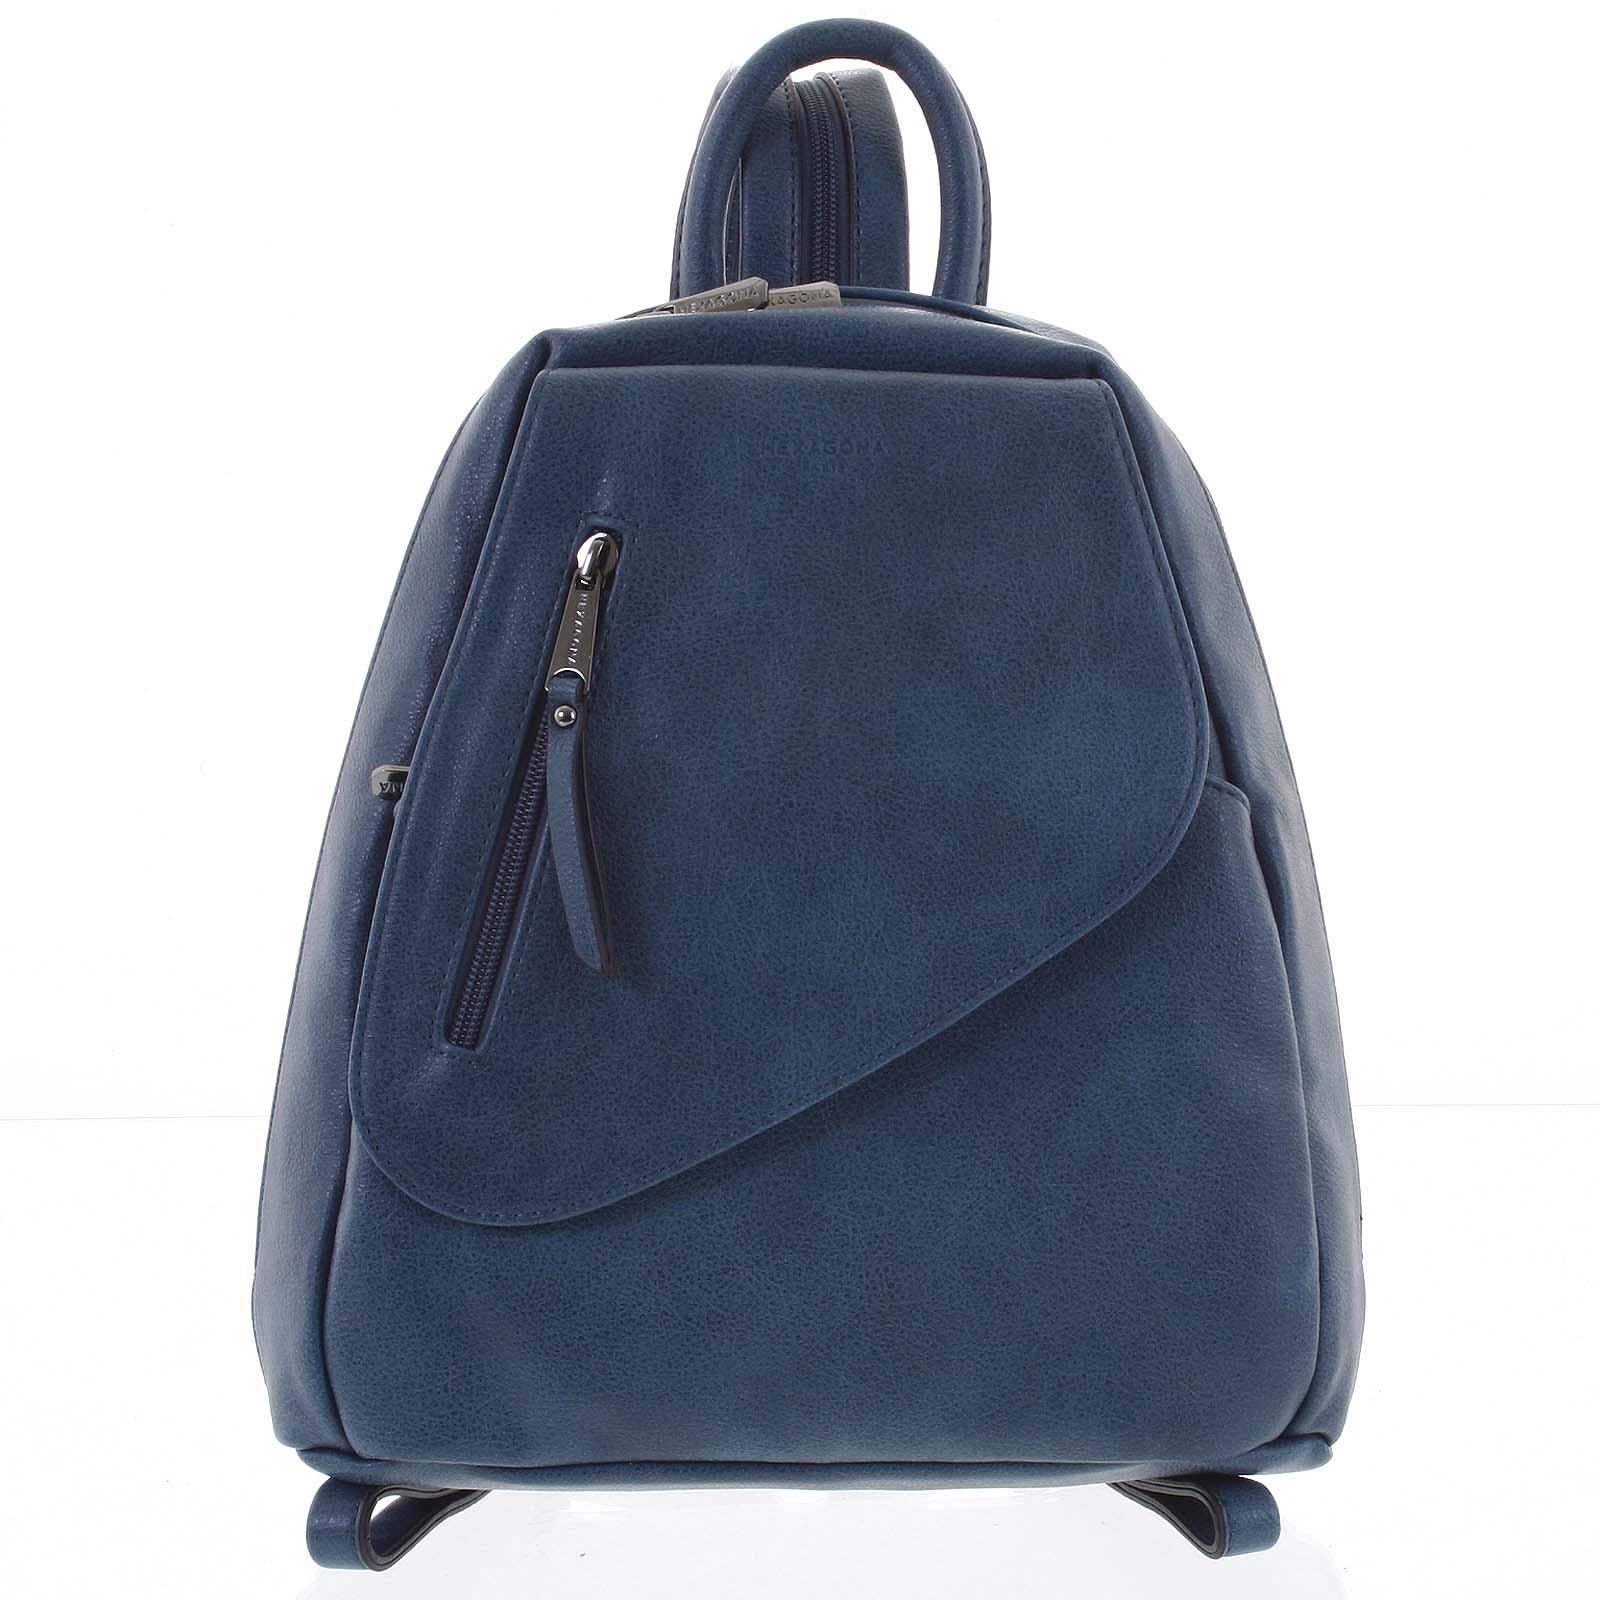 Módny dámsky modrý ruksak - Hexagona Pasha